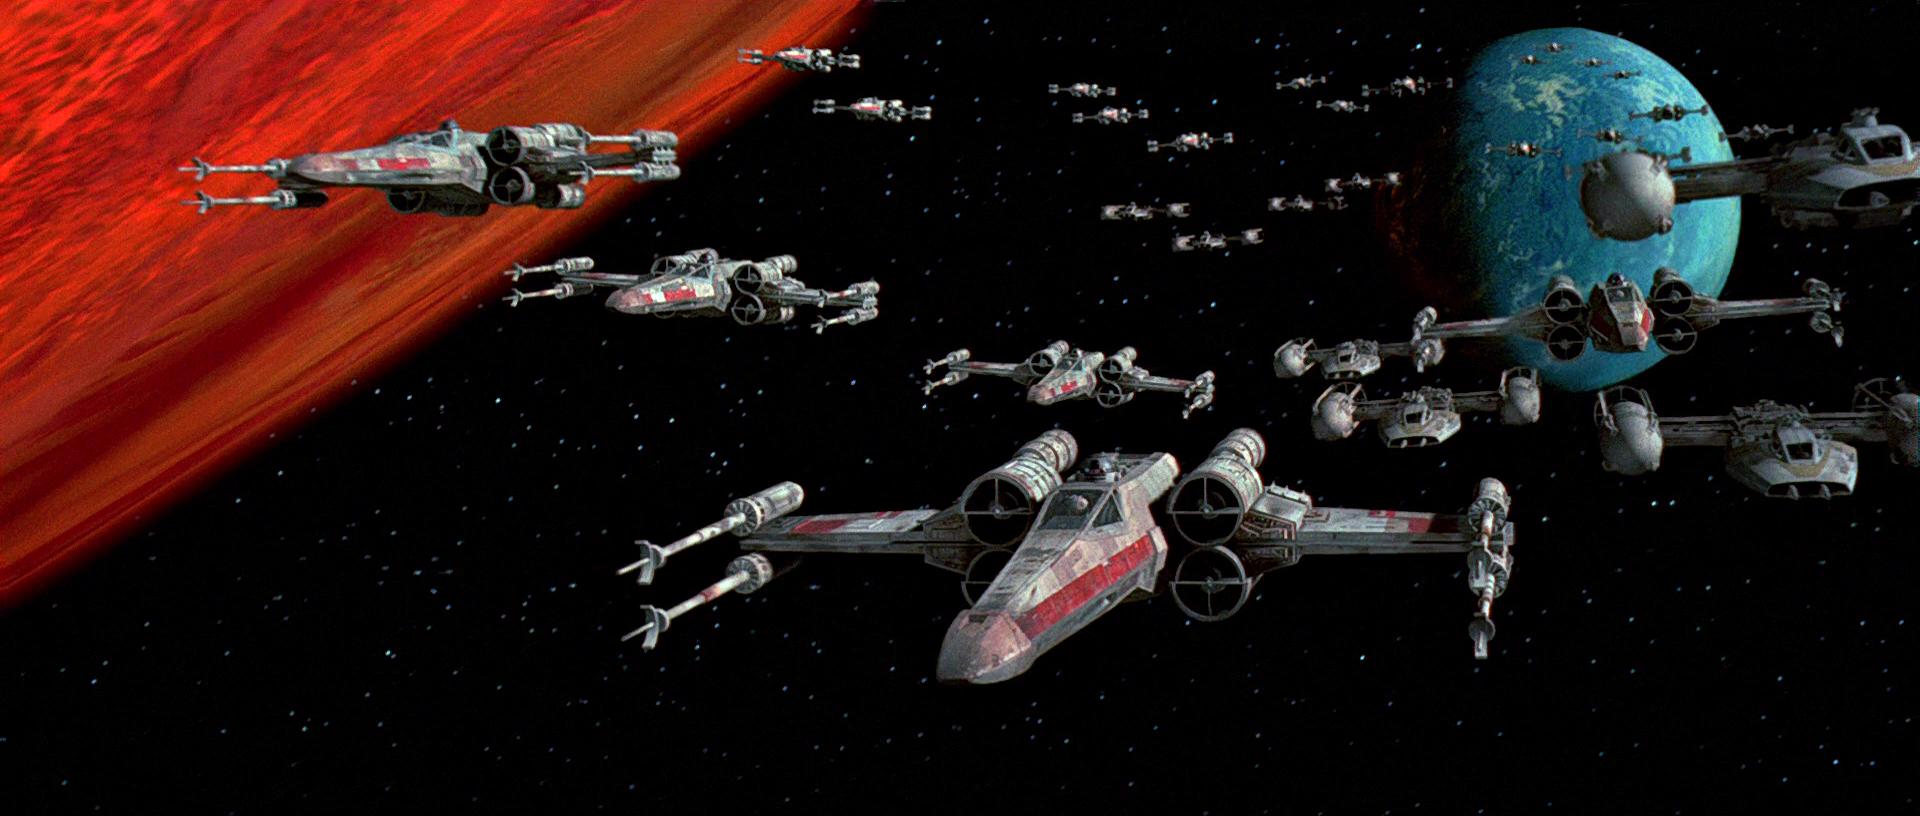 Поклонники «Звёздных войн»пишут, что Disney изменили хронологию вселенной. Это не так